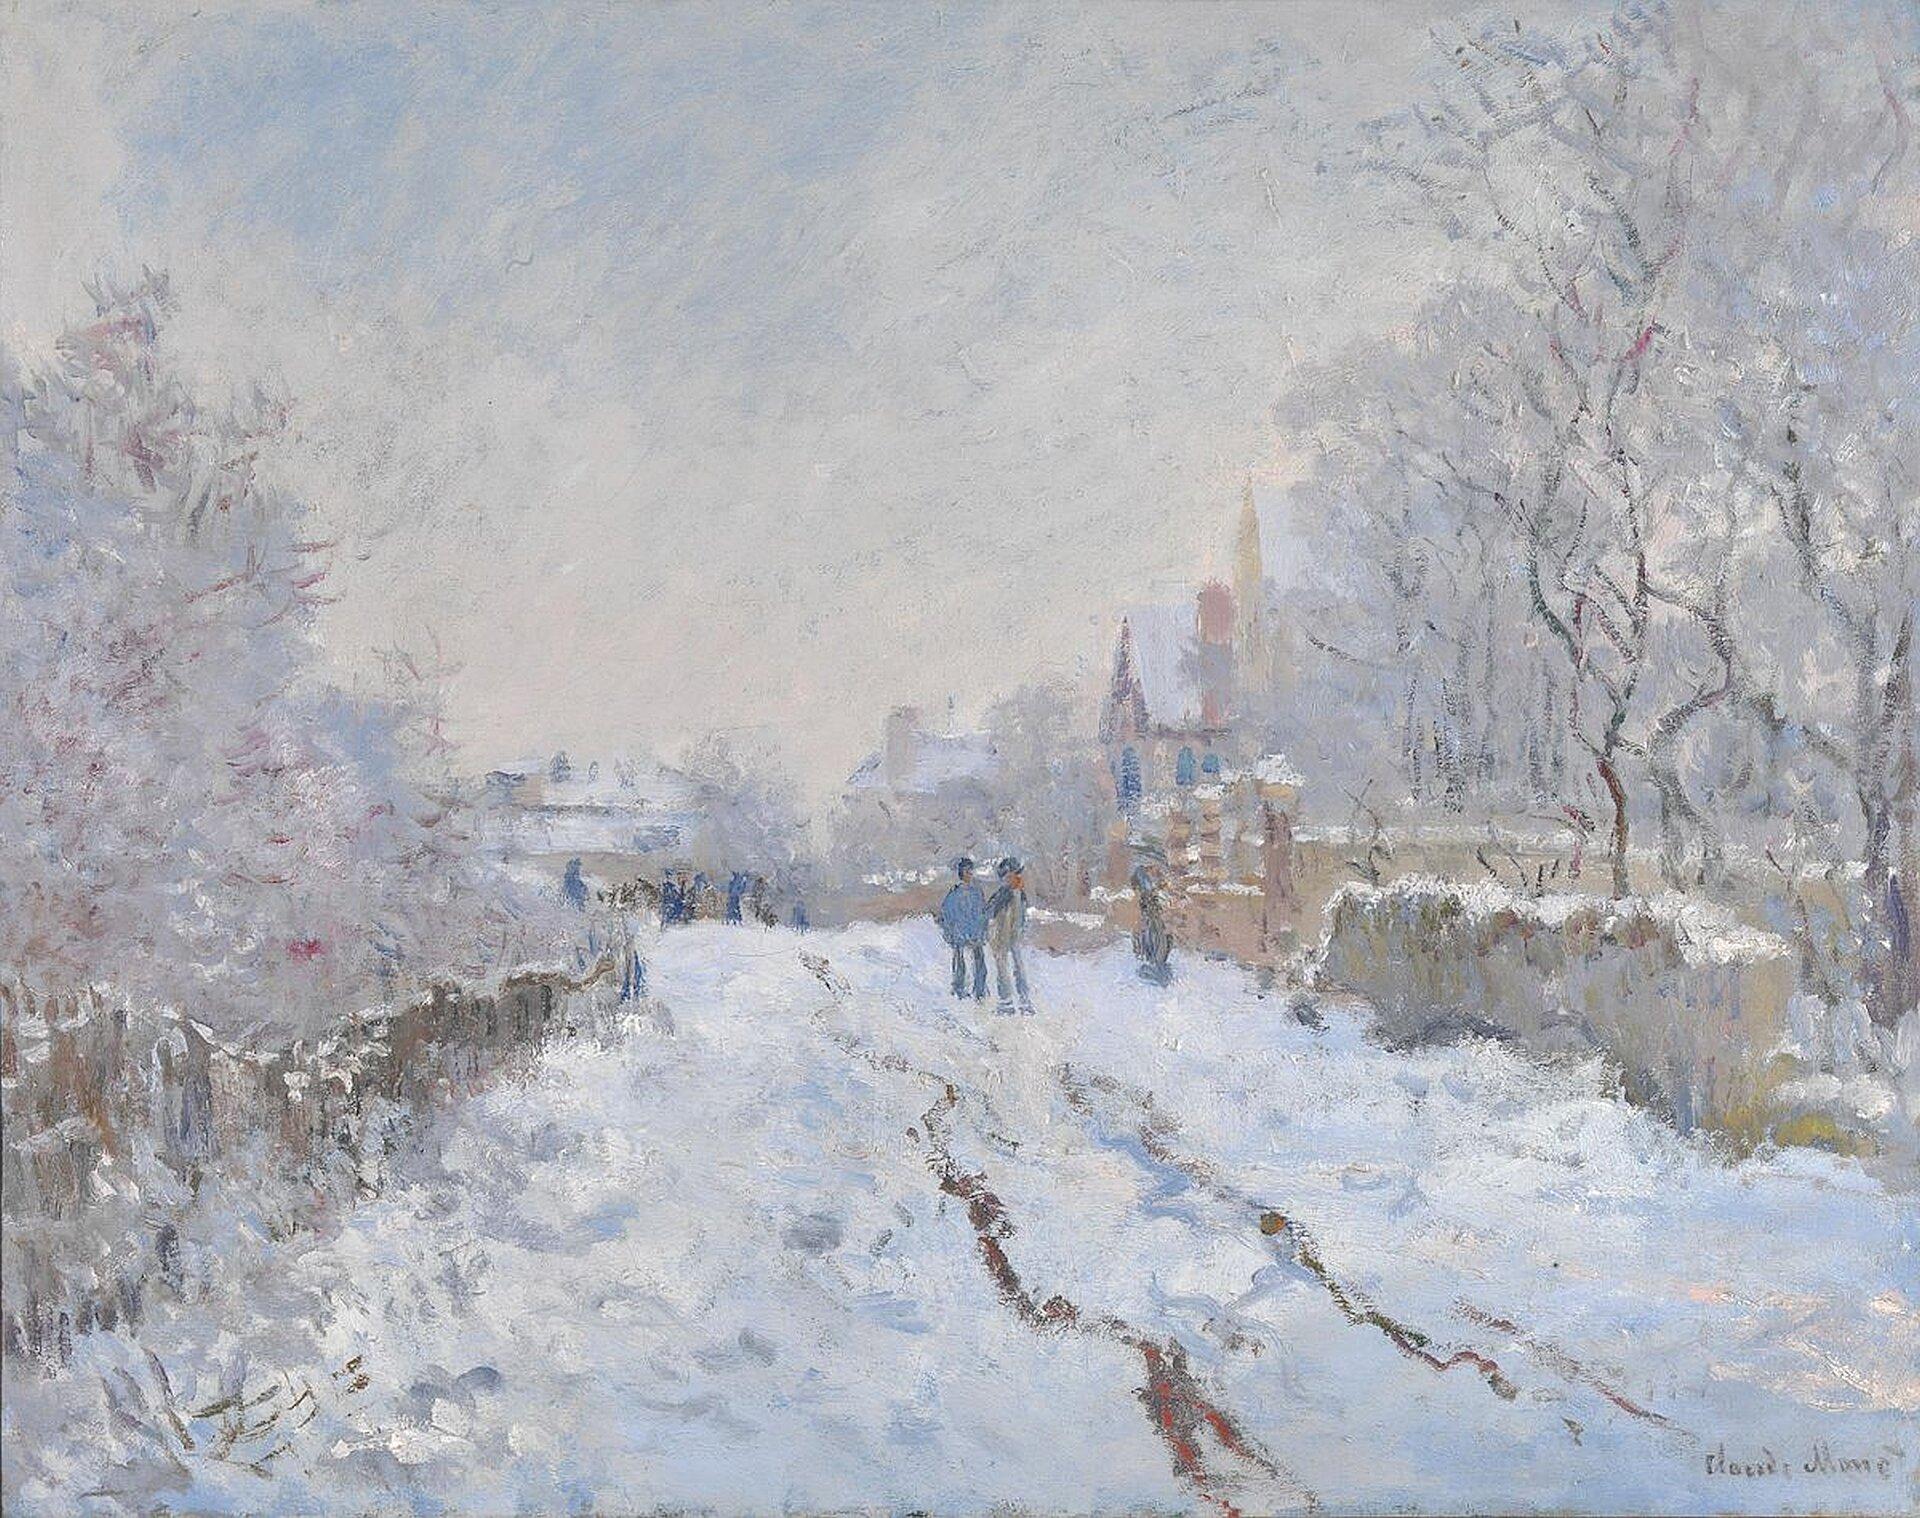 """Ilustracja przedstawia dzieło Claudego Moneta pt. """"Śnieg wArgenteuil"""". Monet przedstawił miasto wporze zimowej, ośnieżony chodnik oraz drzewa."""